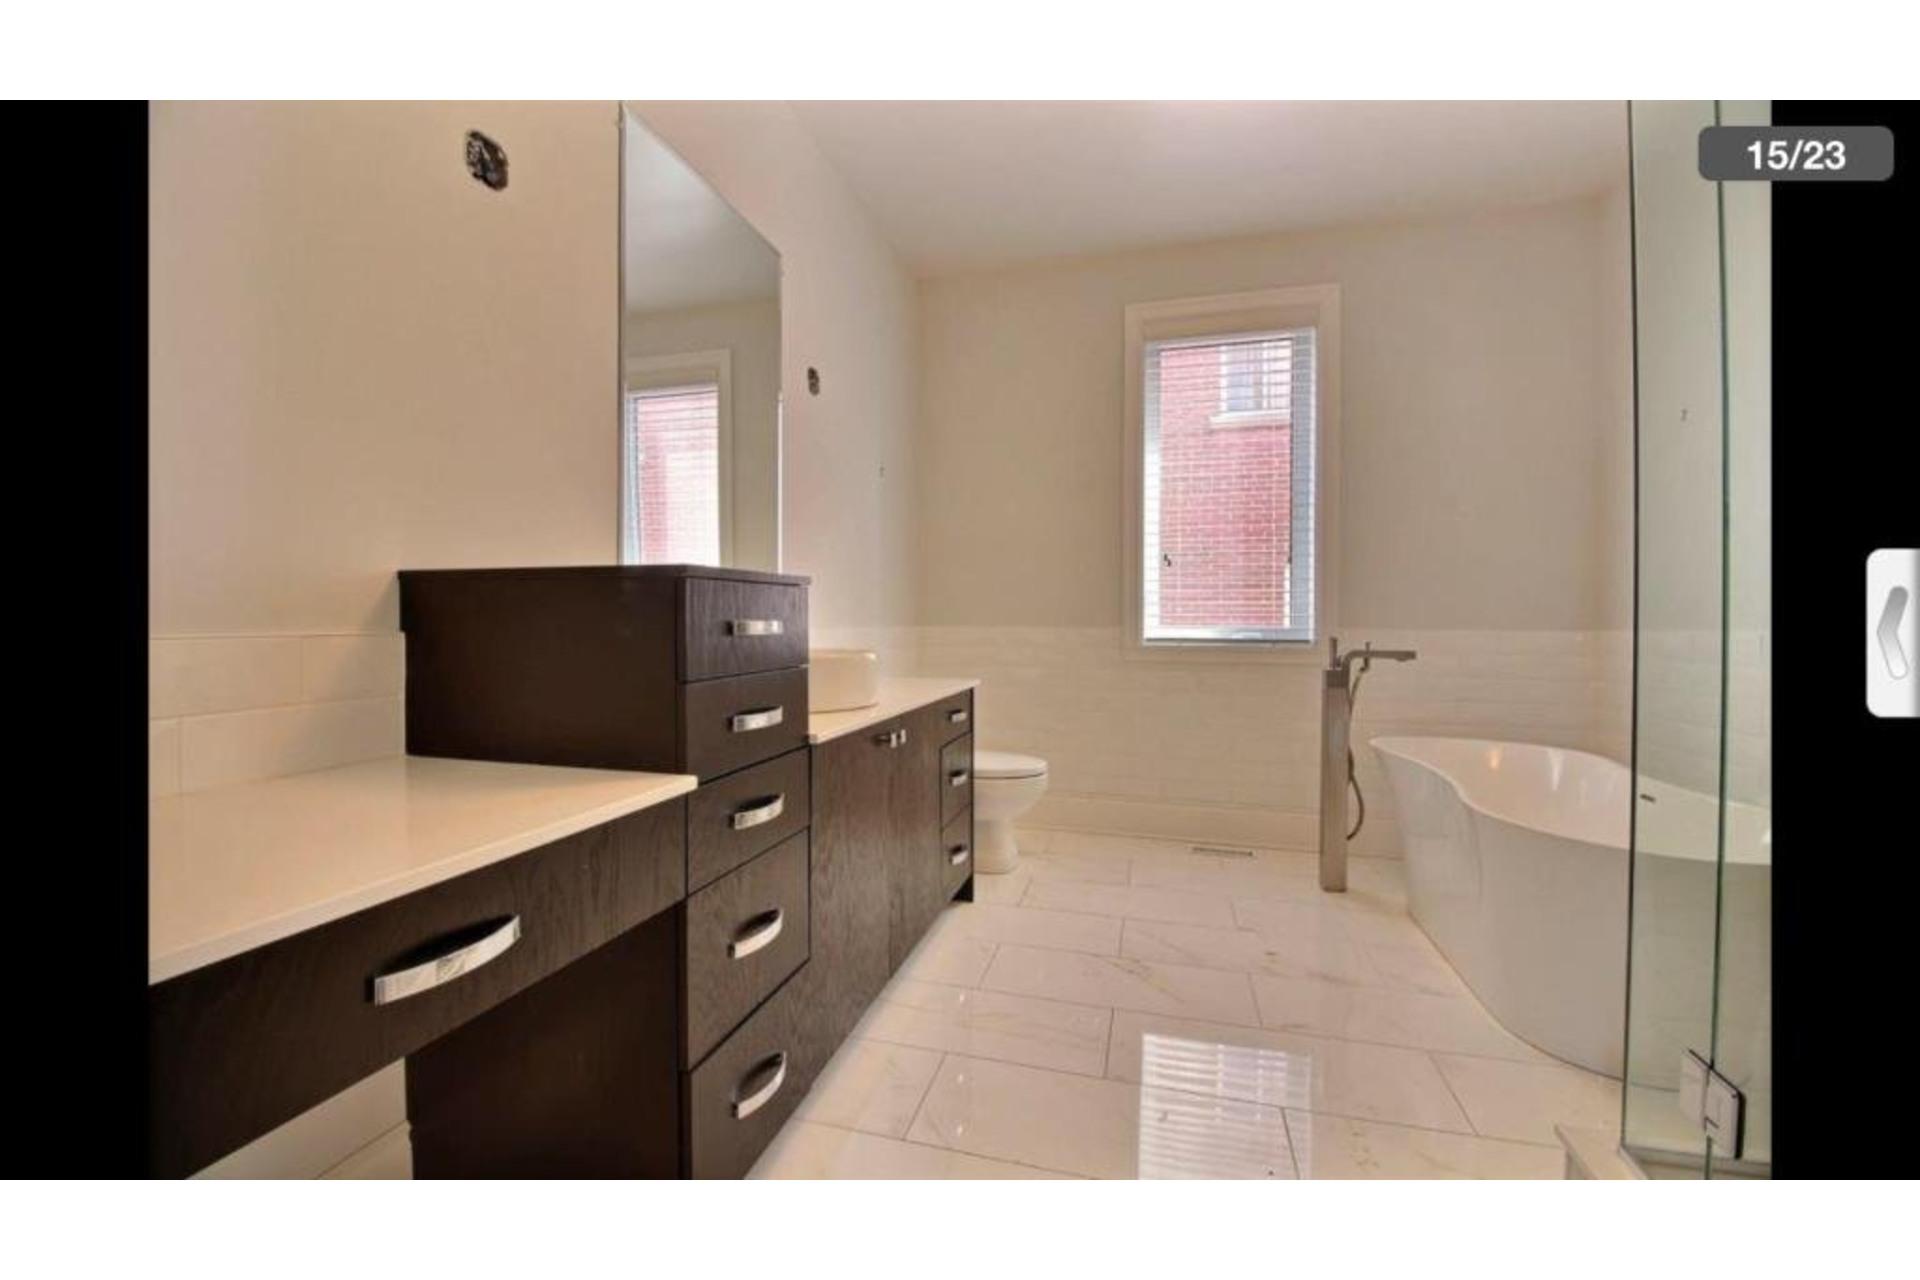 image 10 - Apartment For rent Montréal Saint-Laurent  - 10 rooms